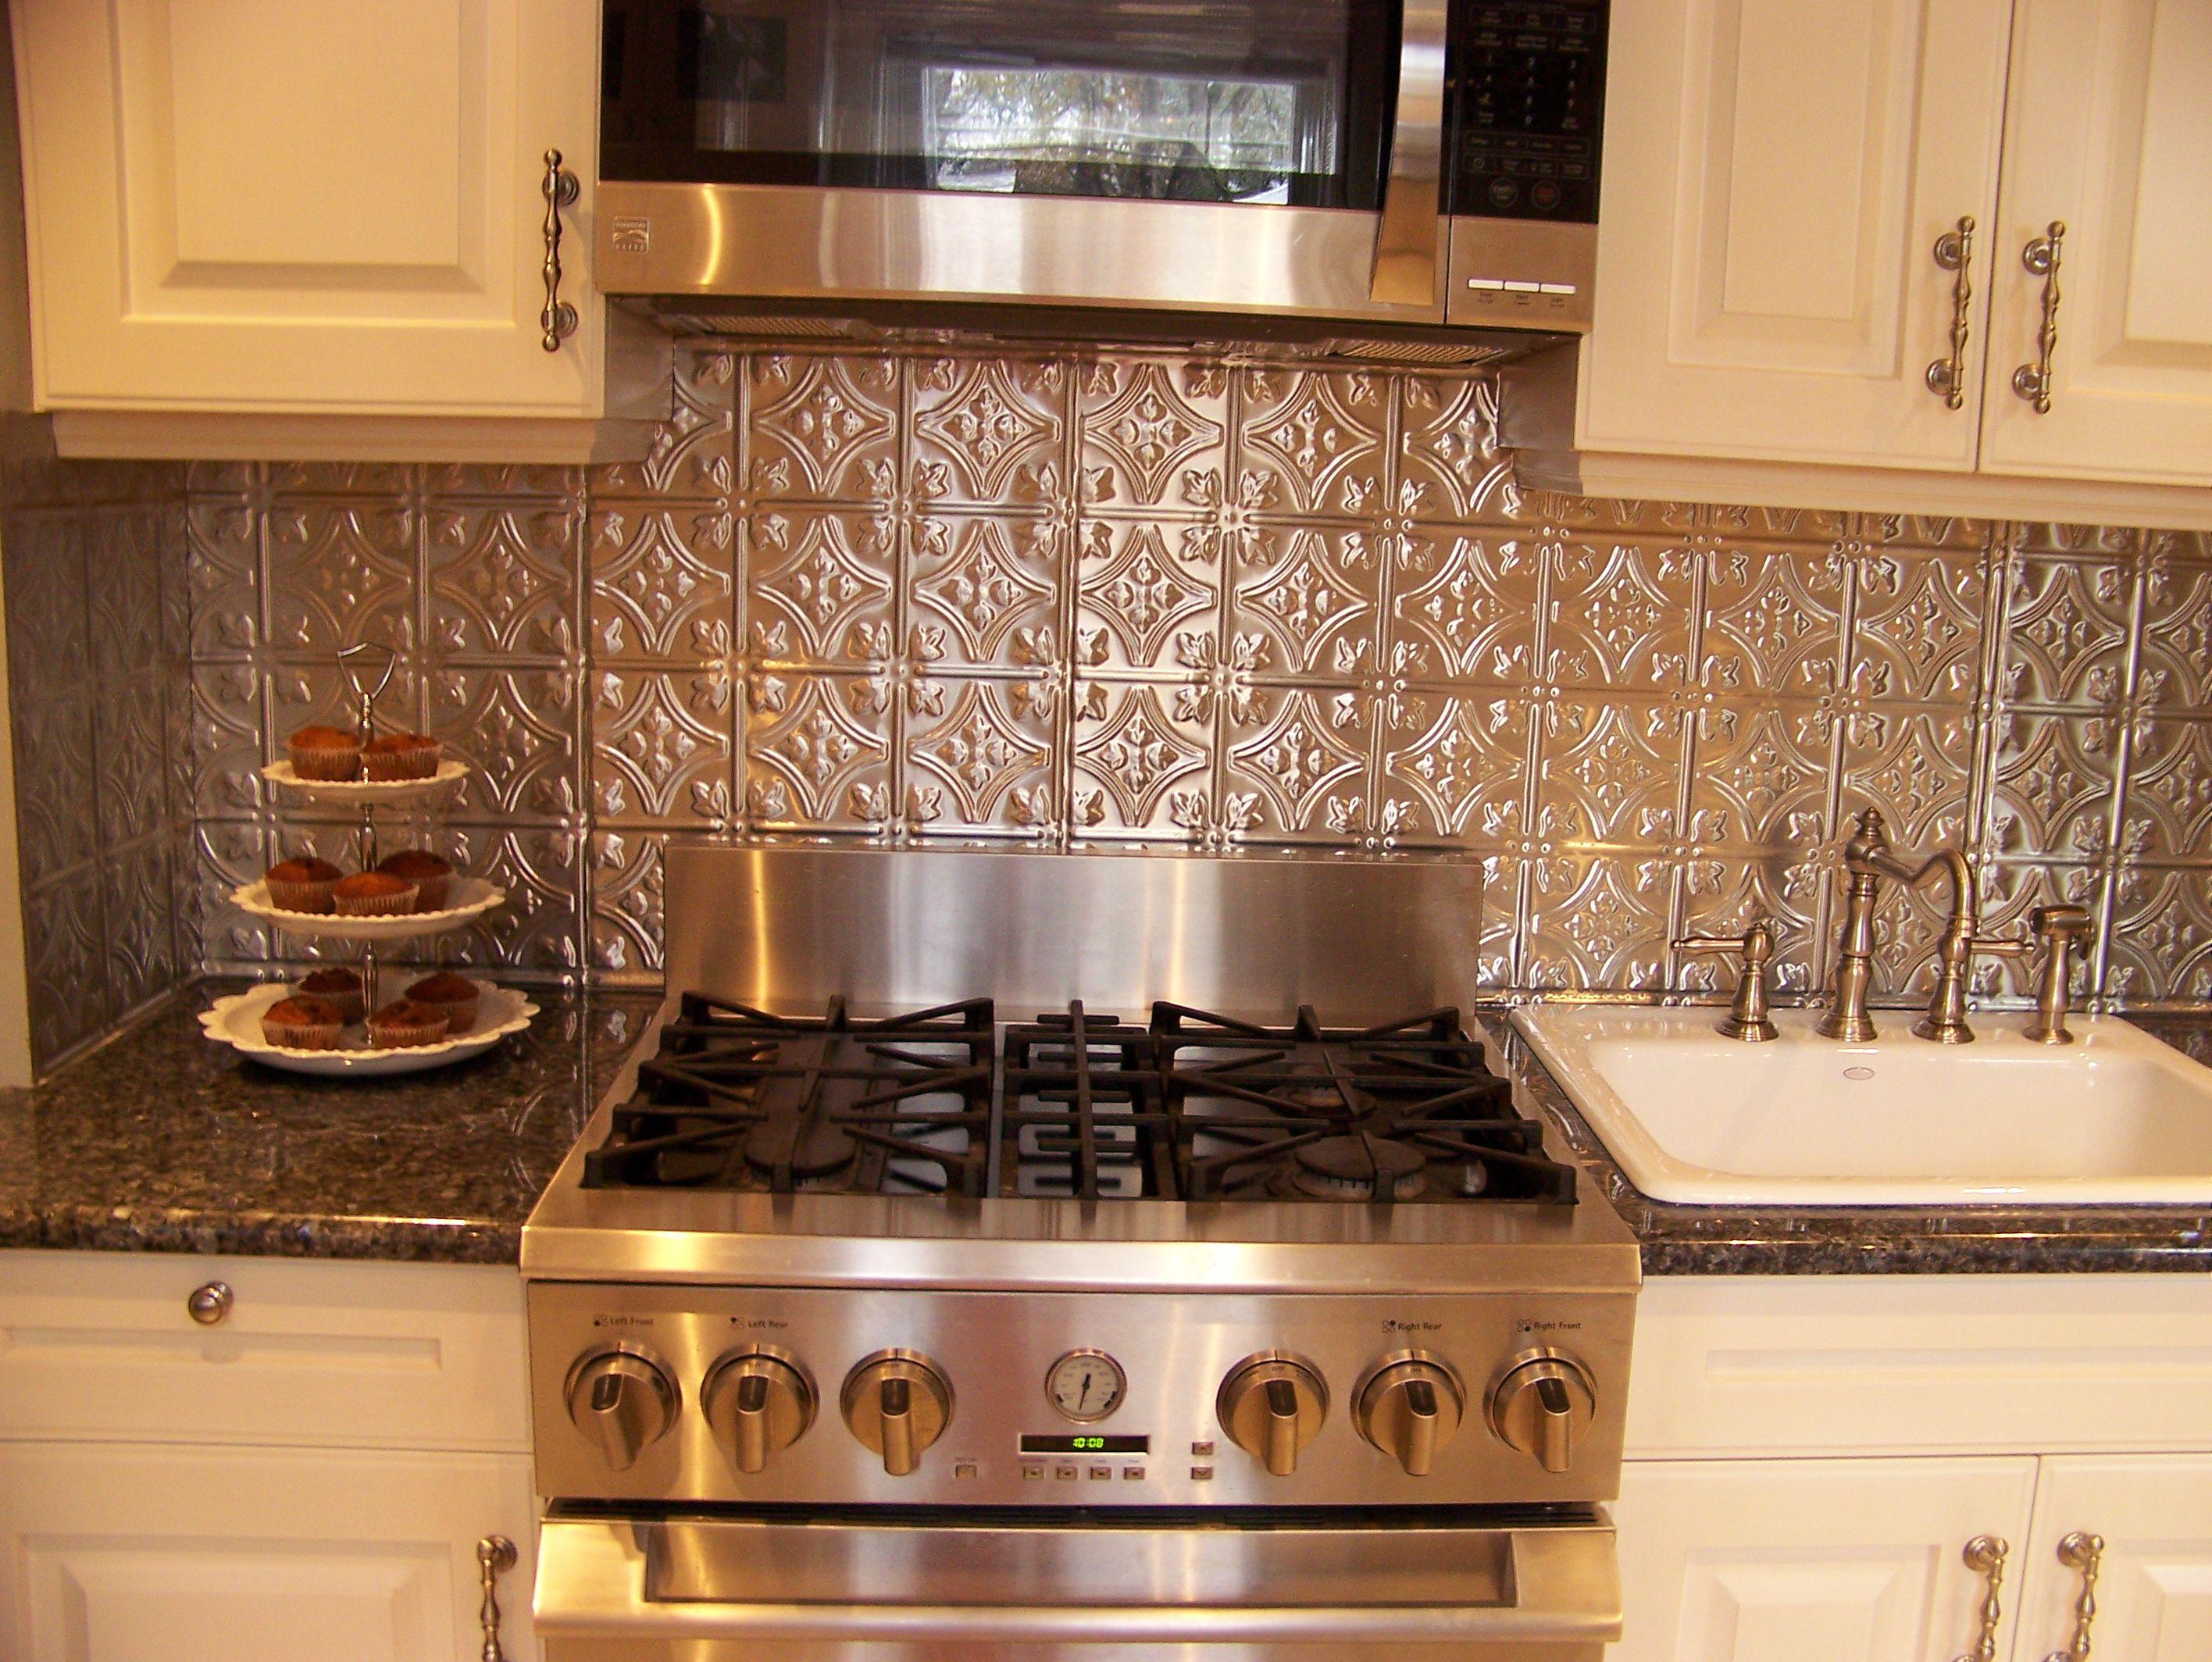 Princess Victoria Aluminum Backsplash Tile 0604 Kitchen Backsplash Kitchen